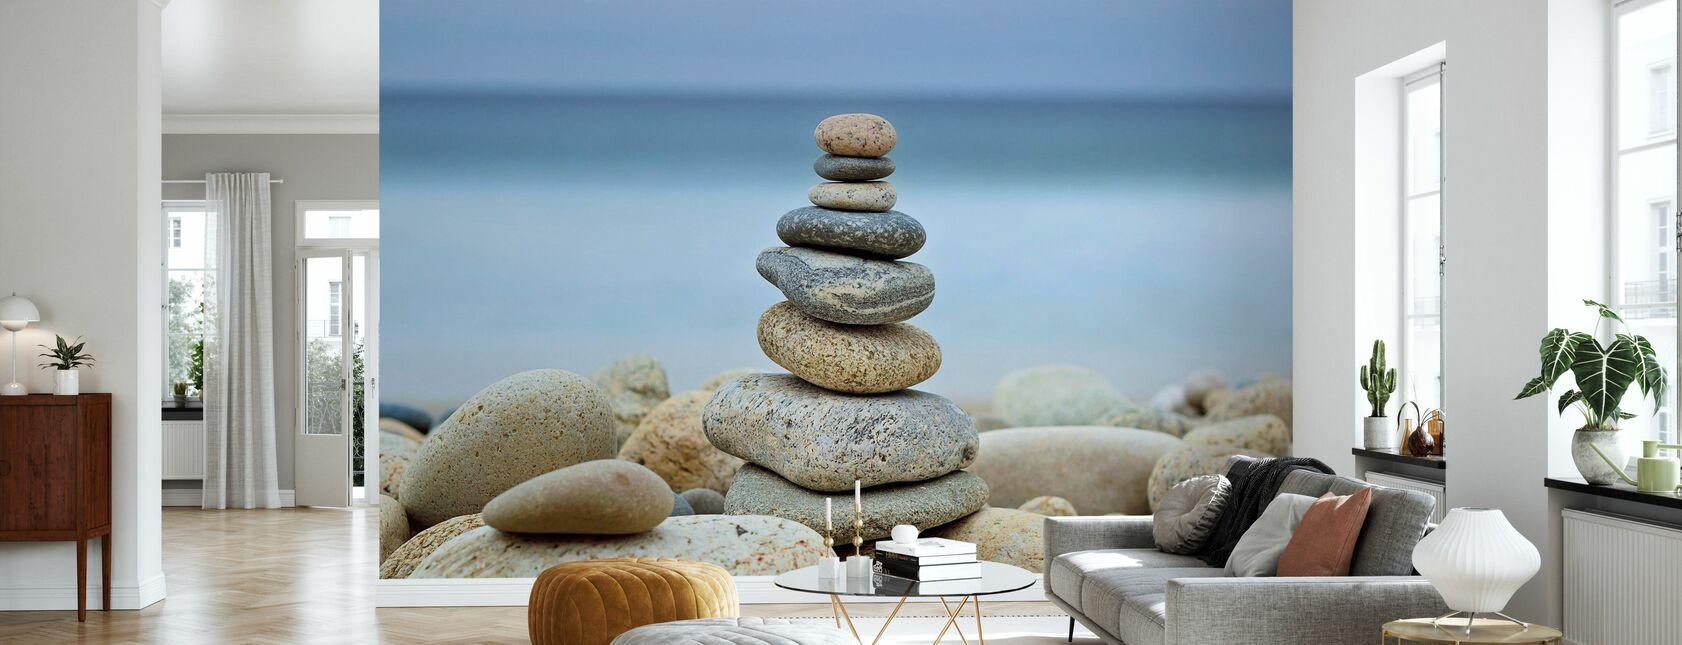 Stone Wall Beach Cairn - Tapete - Wohnzimmer